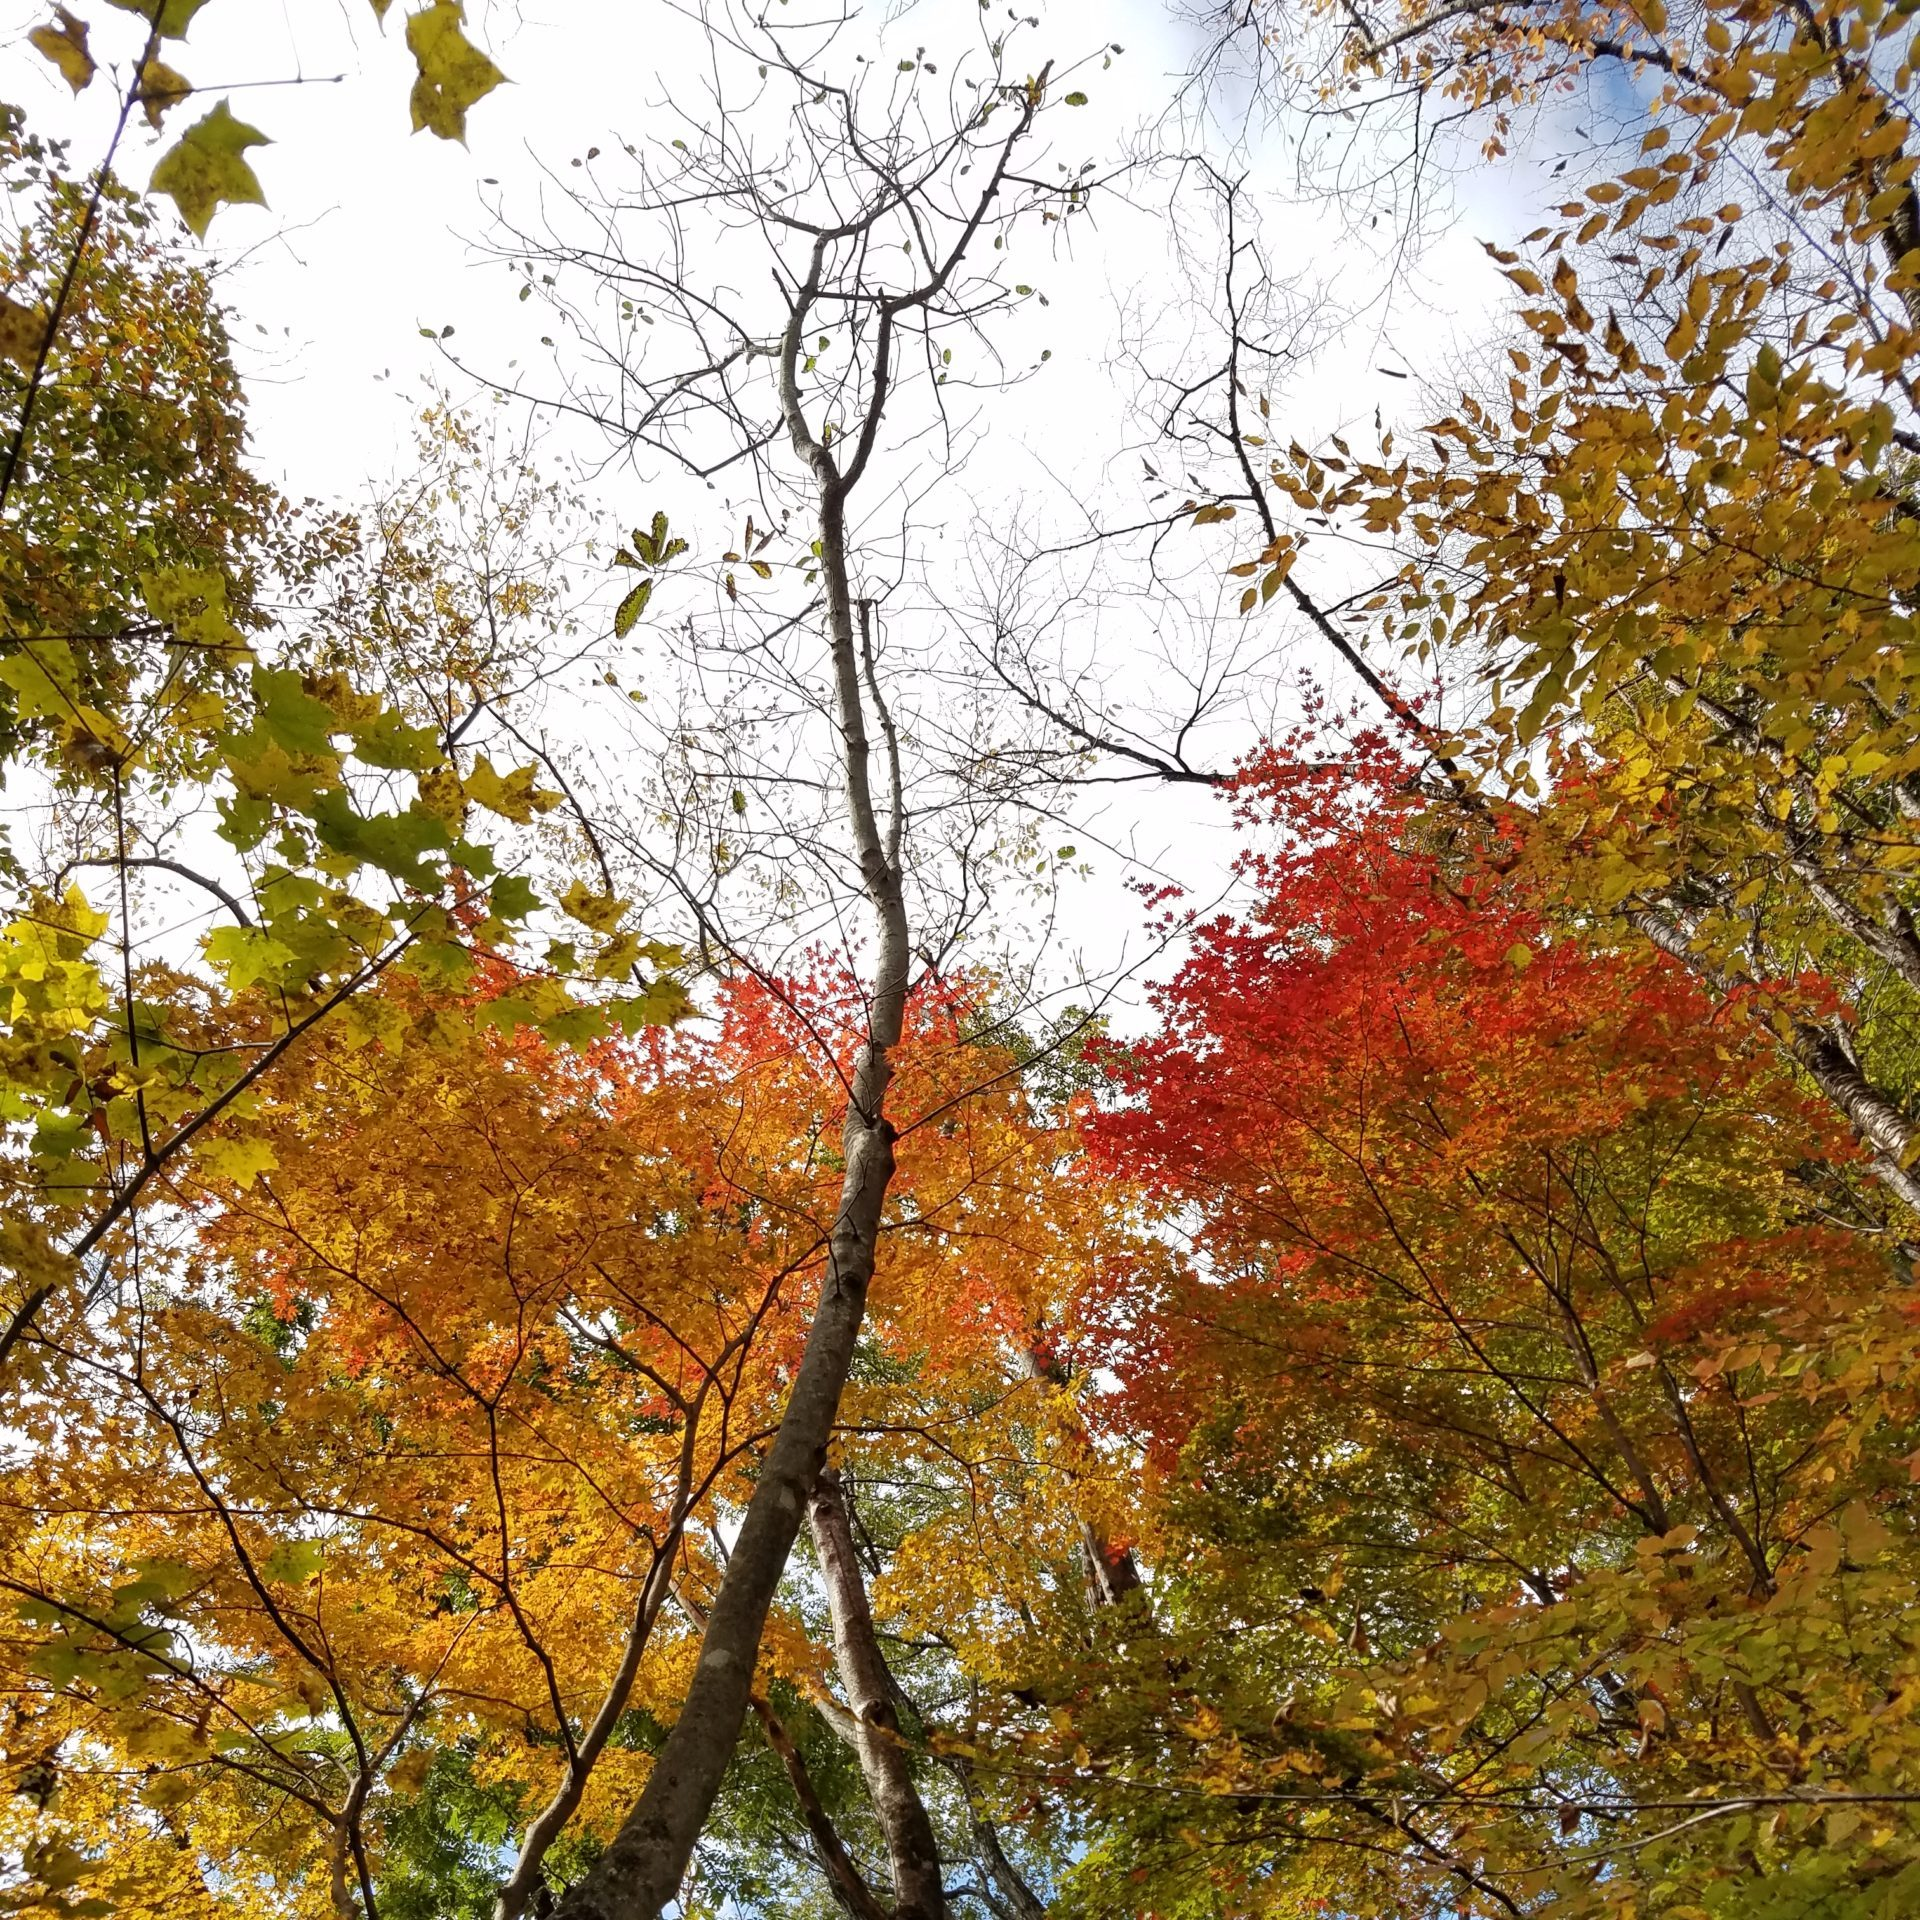 【終了しました】森林セラピストとヨガ講師の野山遊び「楓」*11月22日(日)10:00~12:30@県民の森